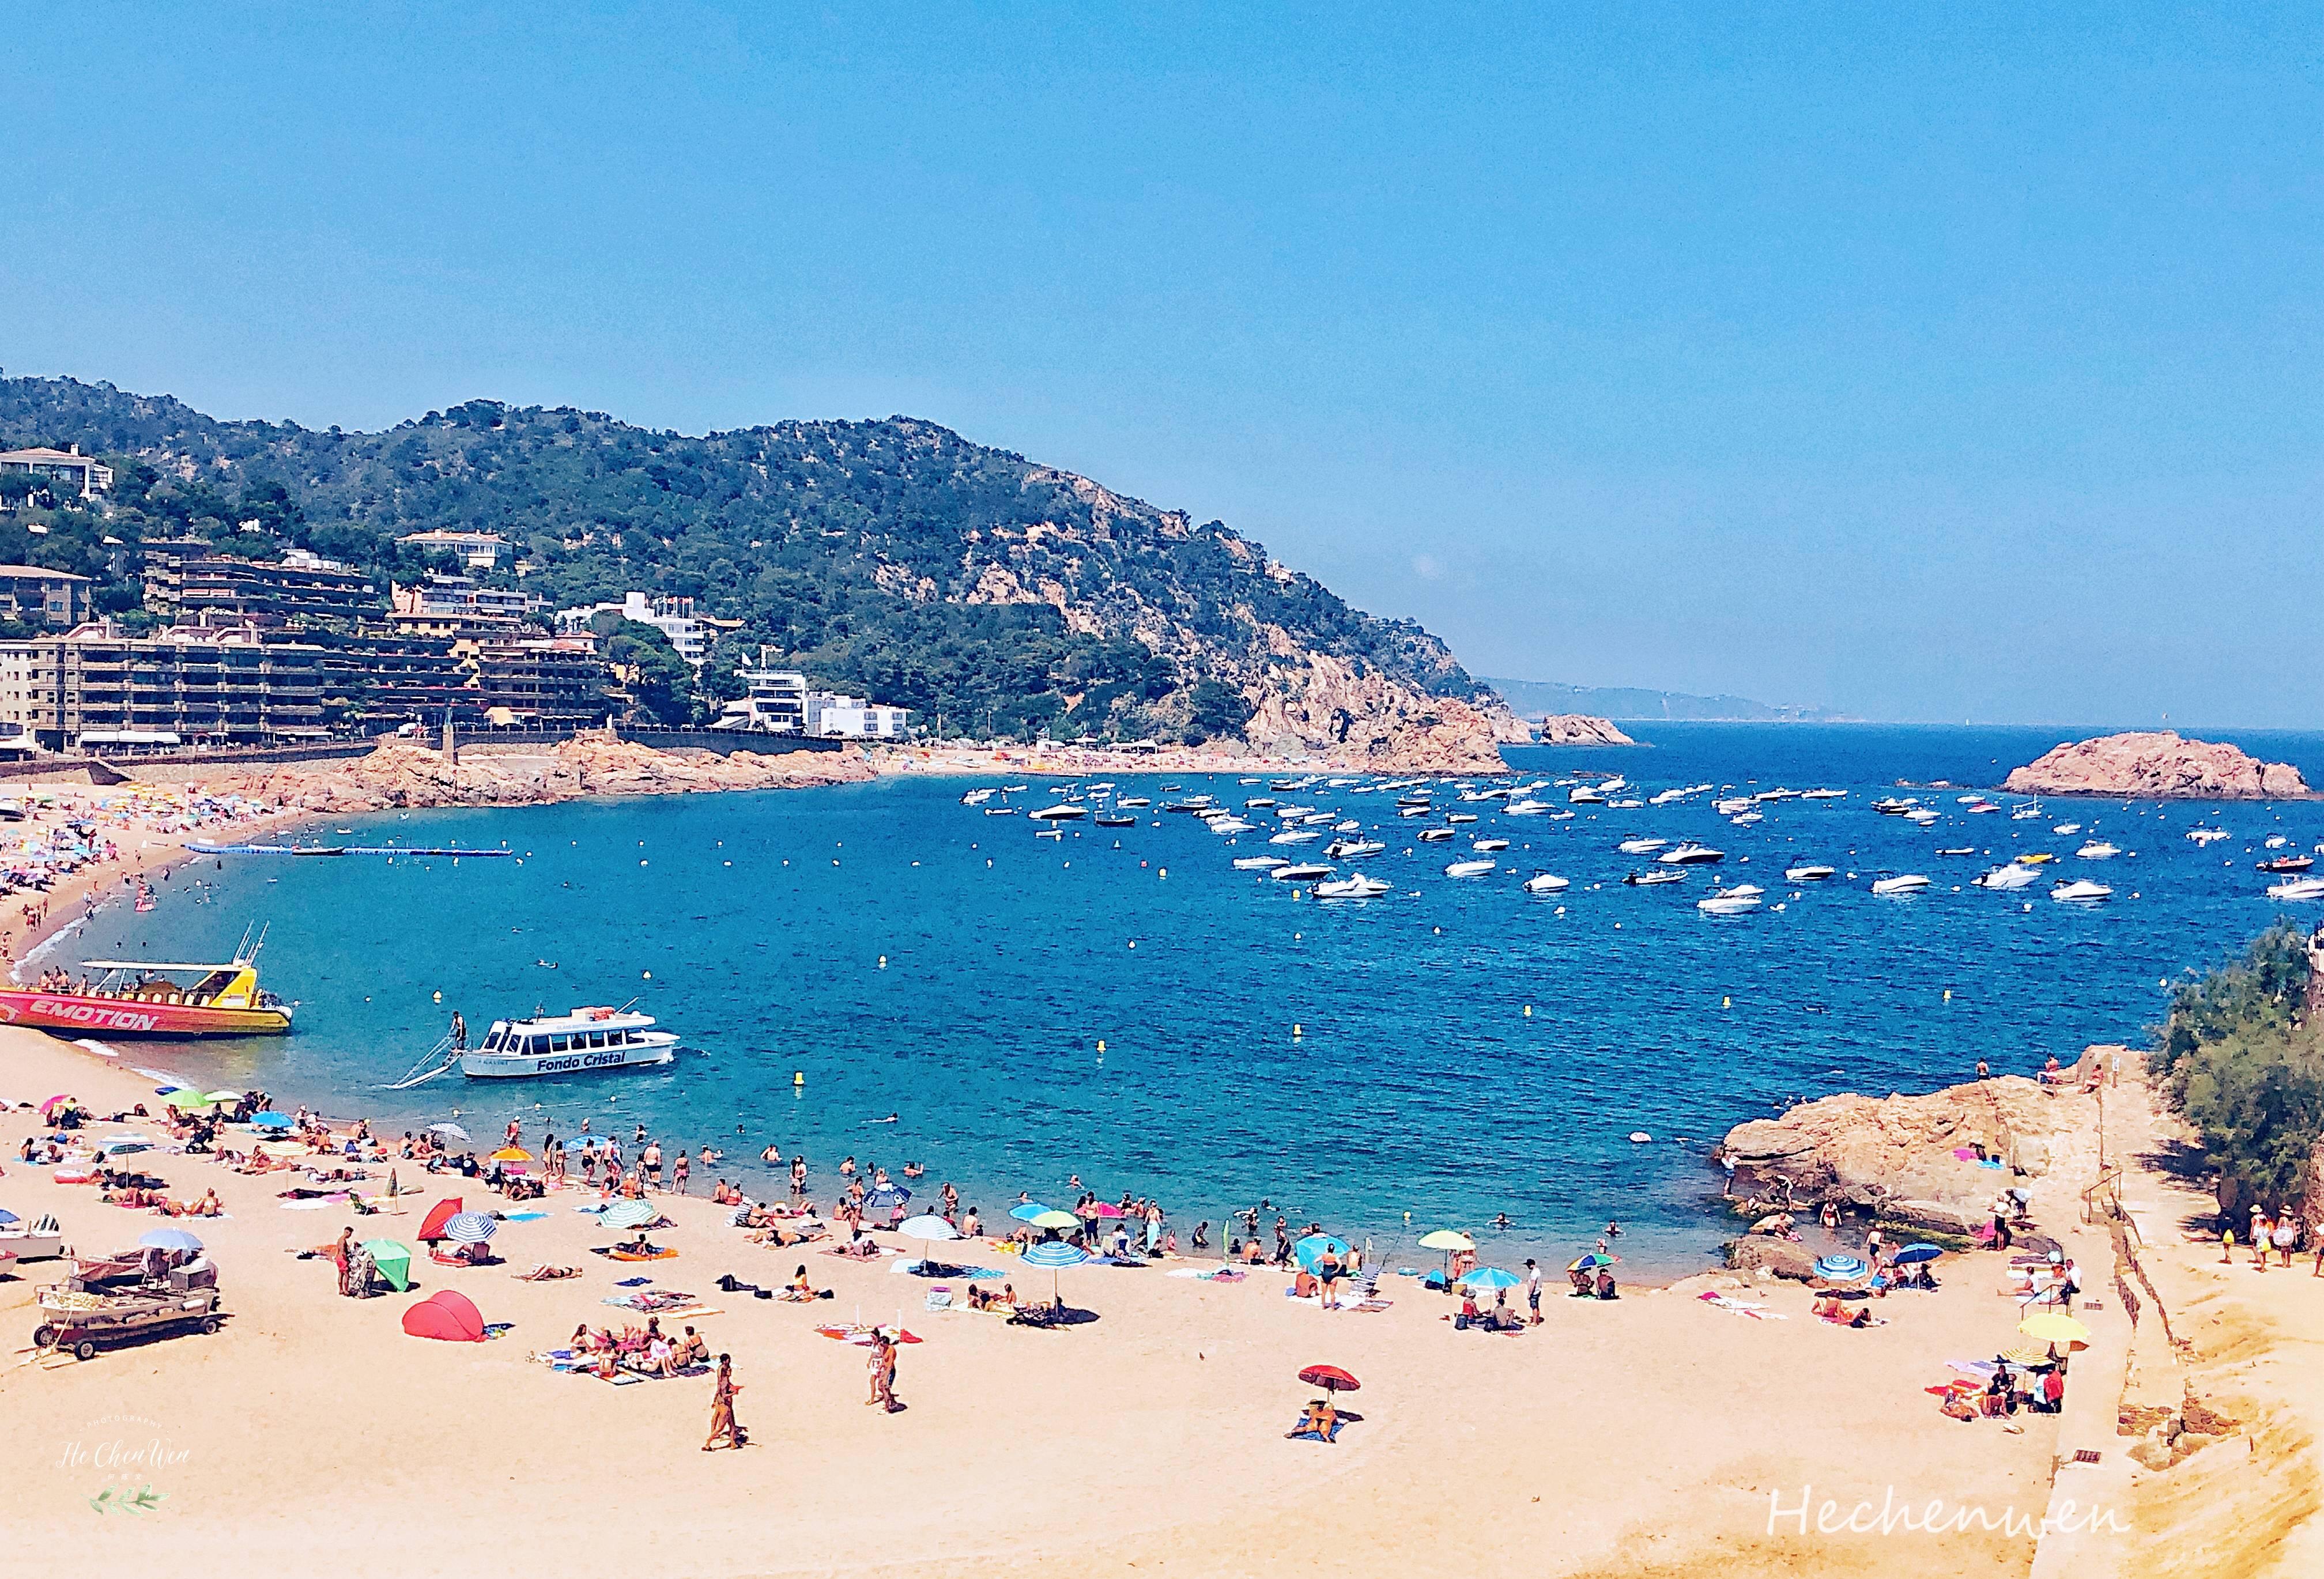 寻找蓝色大海的传说,探秘最美海滨小镇,打卡迪丽热巴同